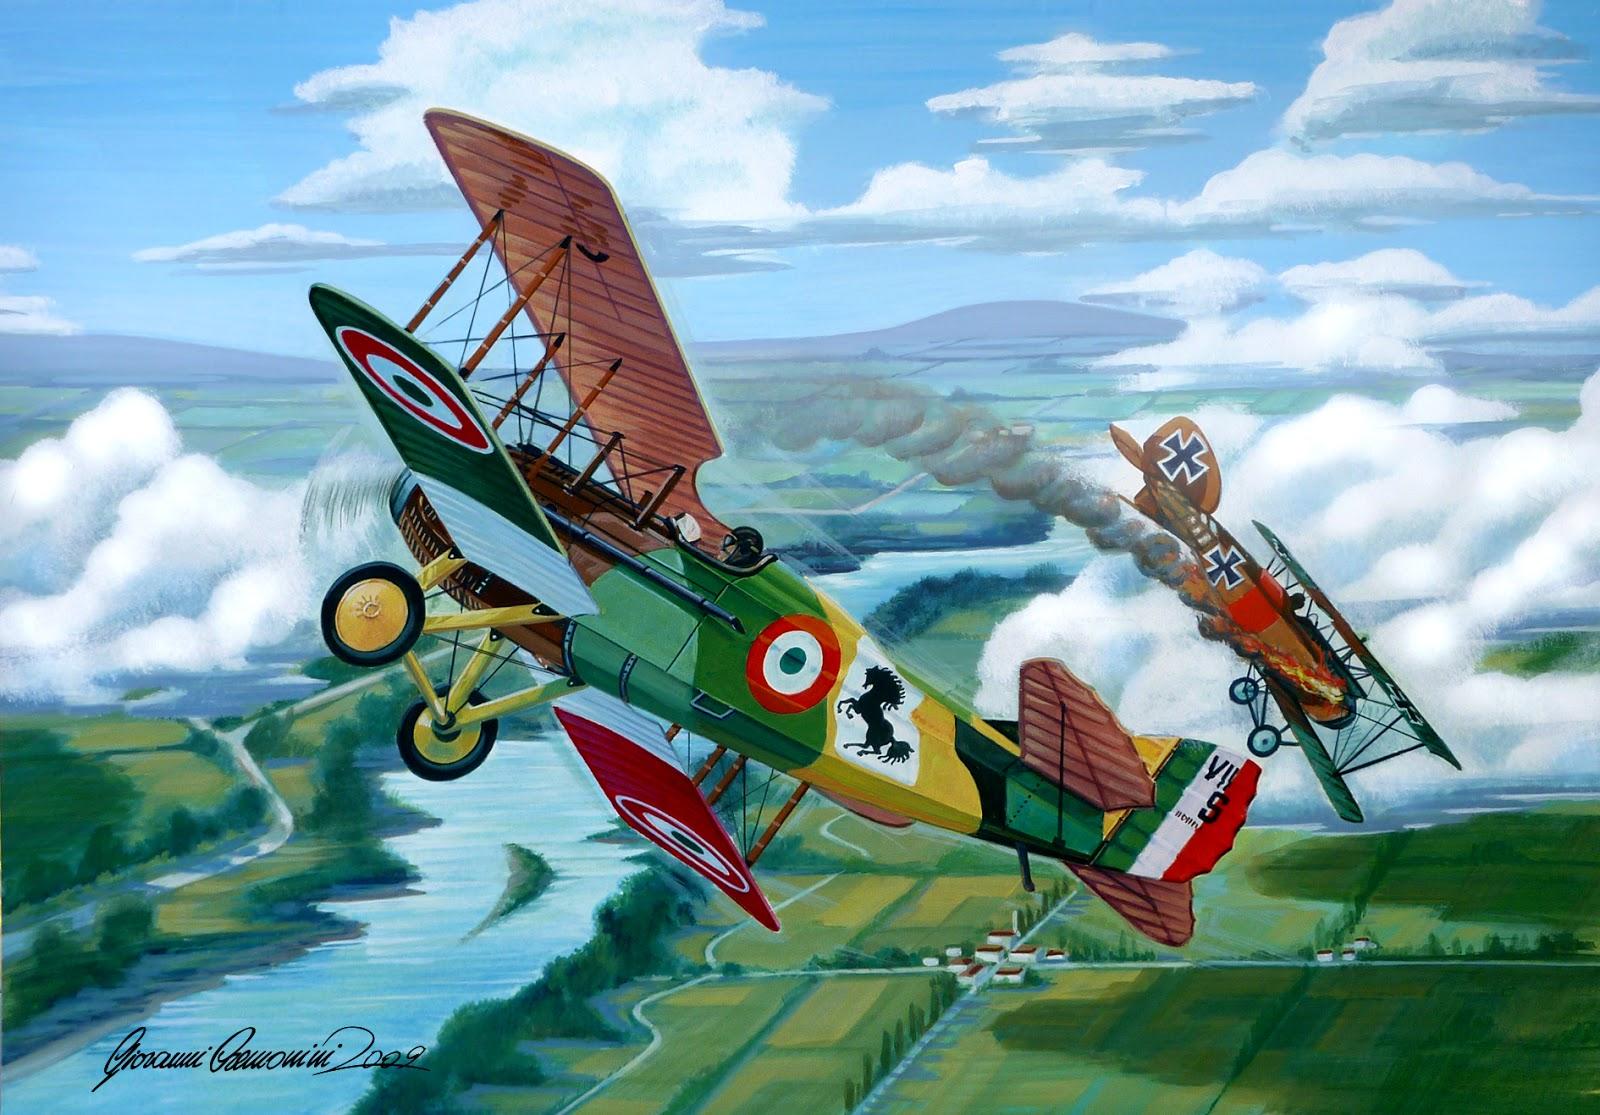 Elicottero 2 Guerra Mondiale : Giovanni cremonini schede telefoniche aerei